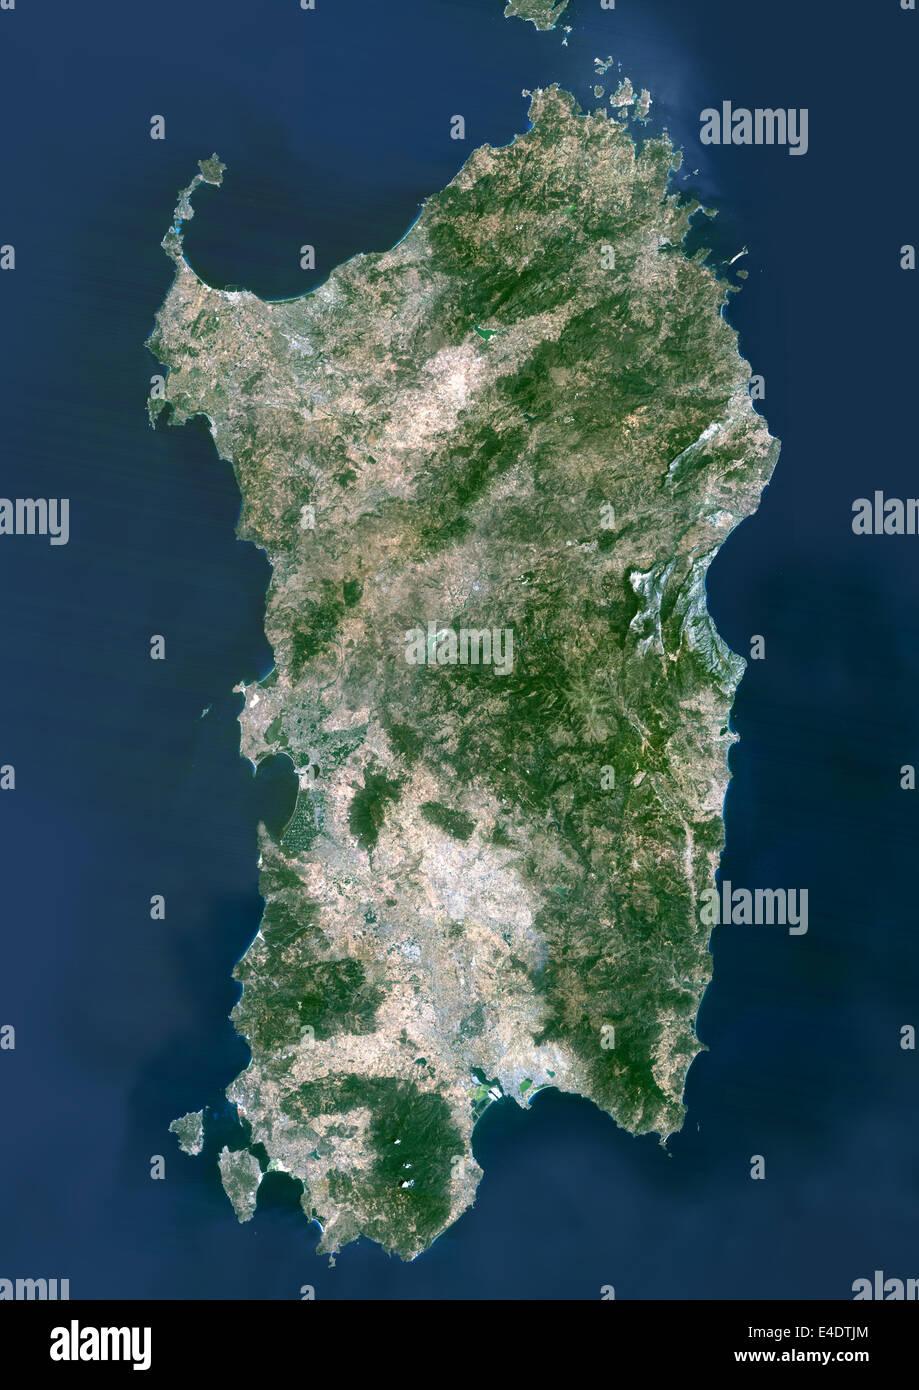 Cartina Satellitare Sardegna.Sardinia Italy True Colour Satellite Image Sardinia Italy True Colour Satellite Image Of Sardinia The Second Largest Islan Stock Photo Alamy